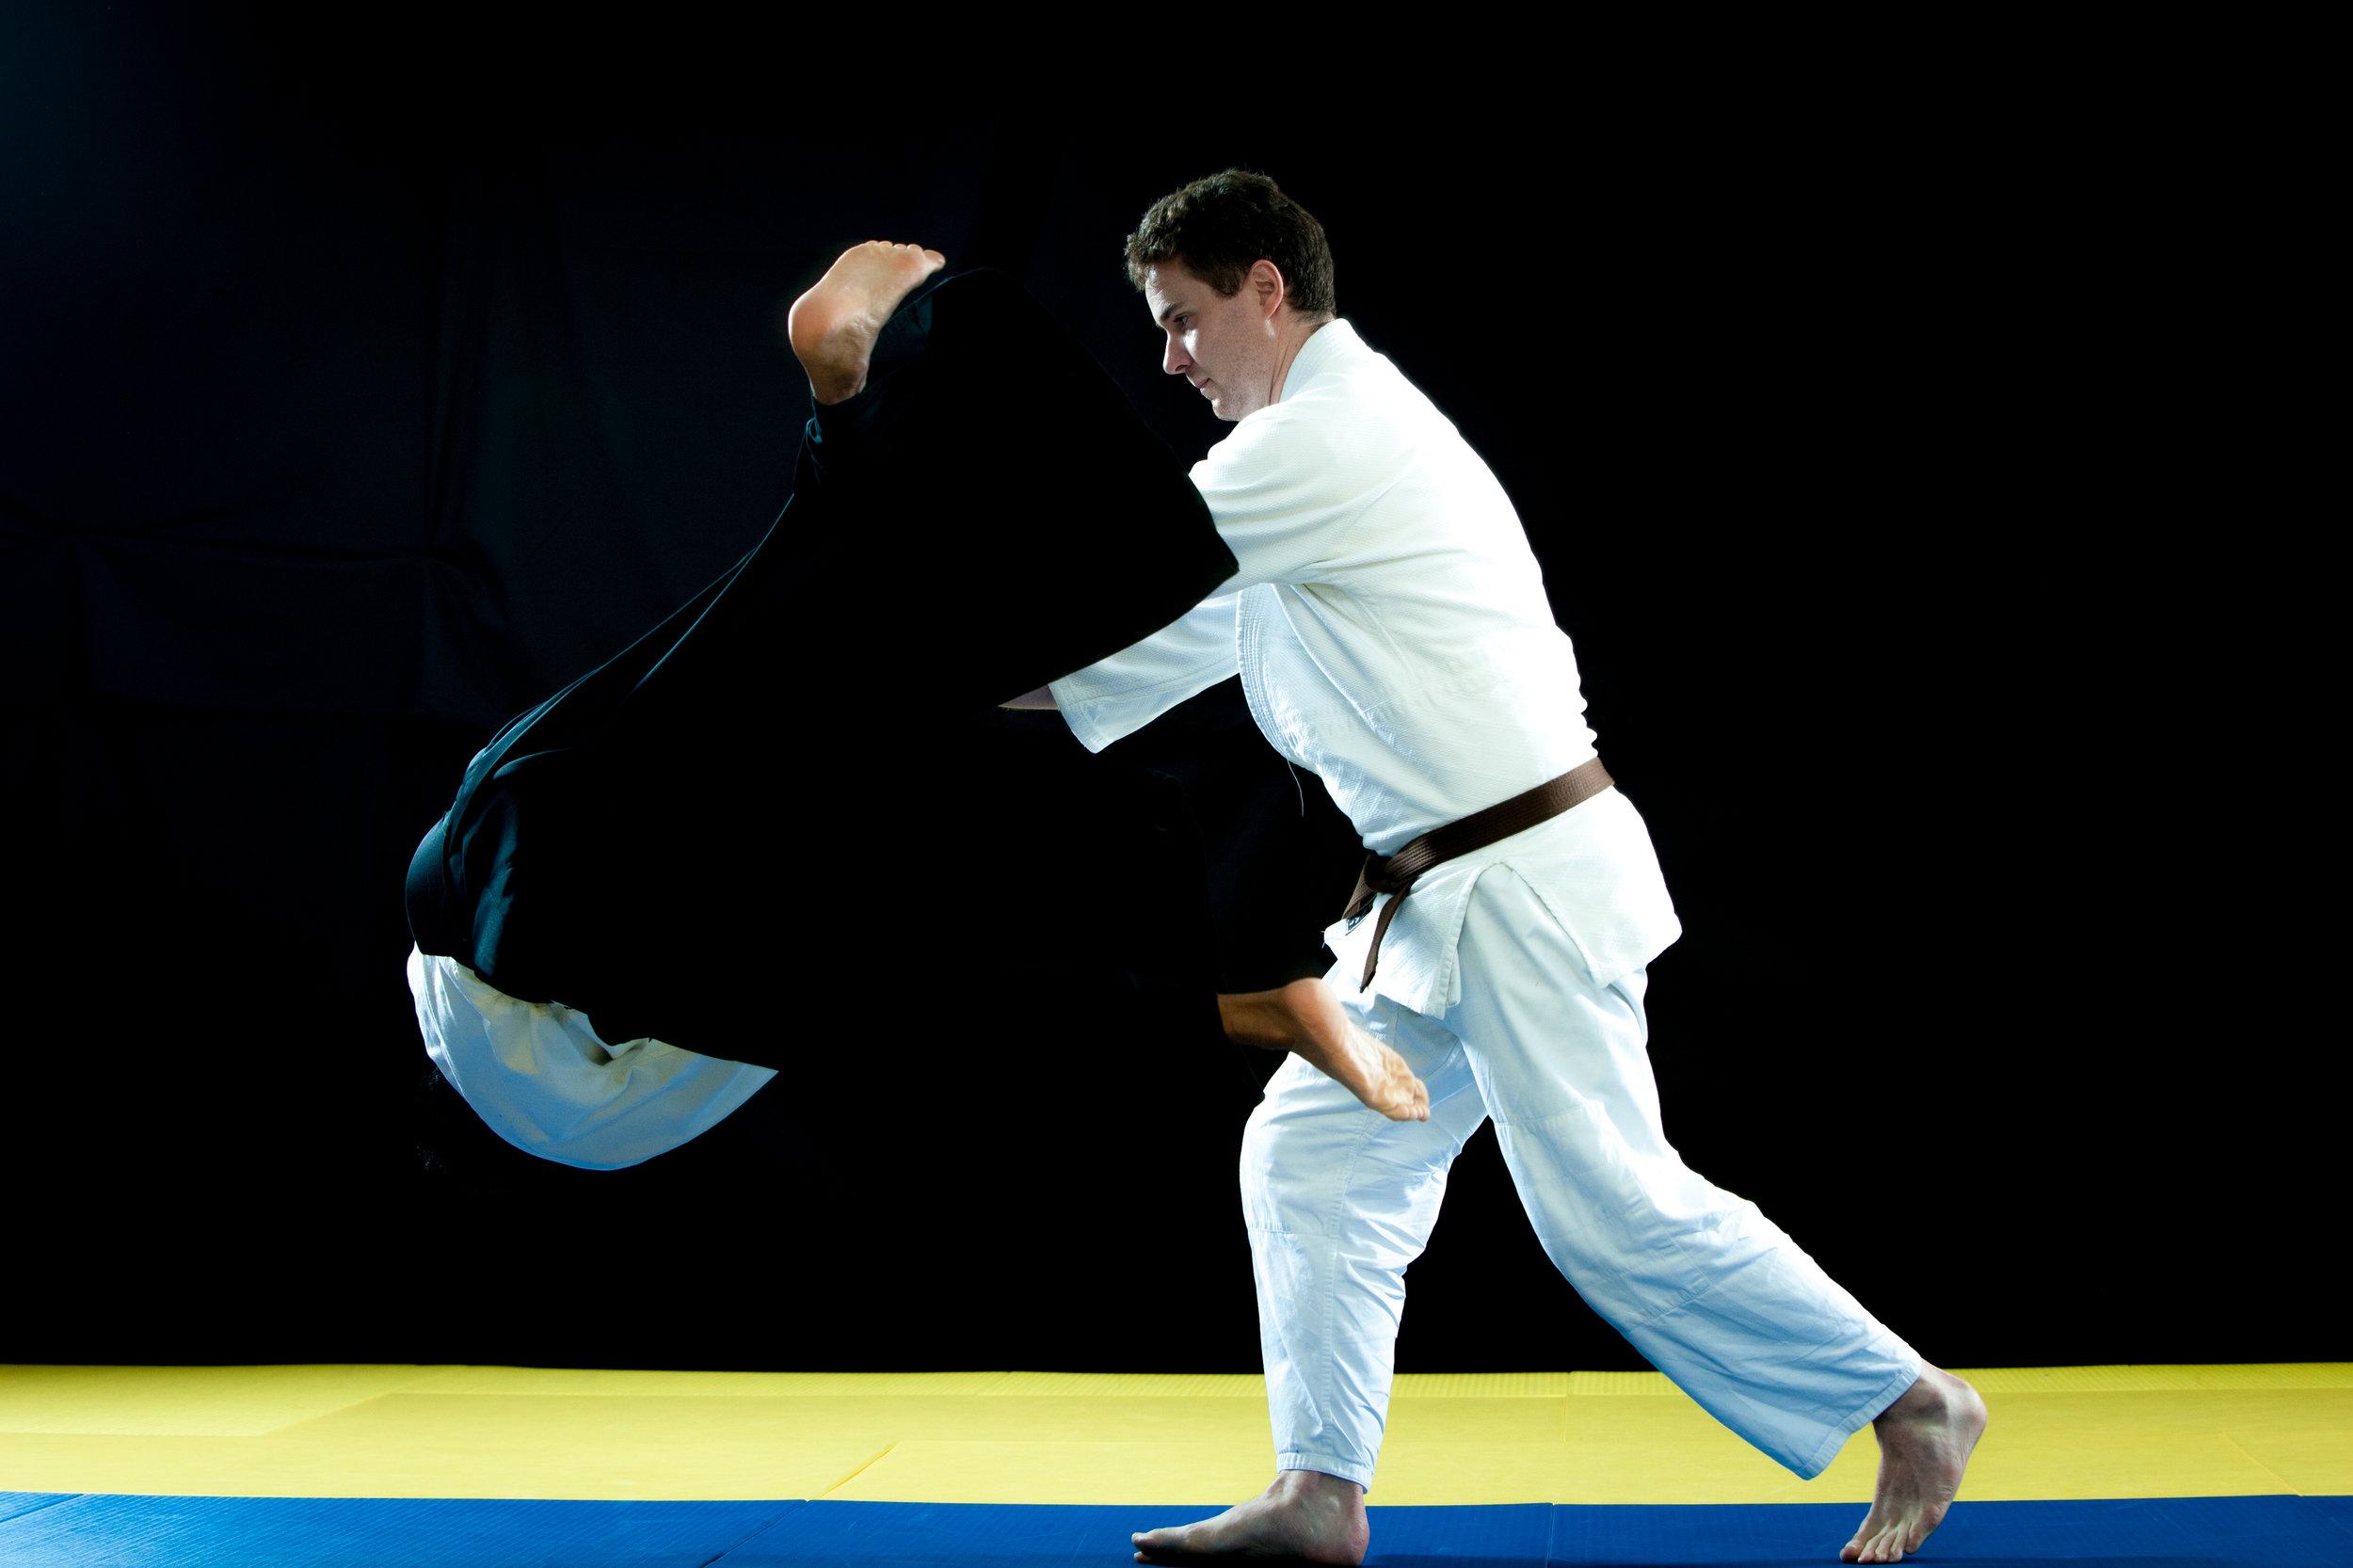 aikido-42.jpg